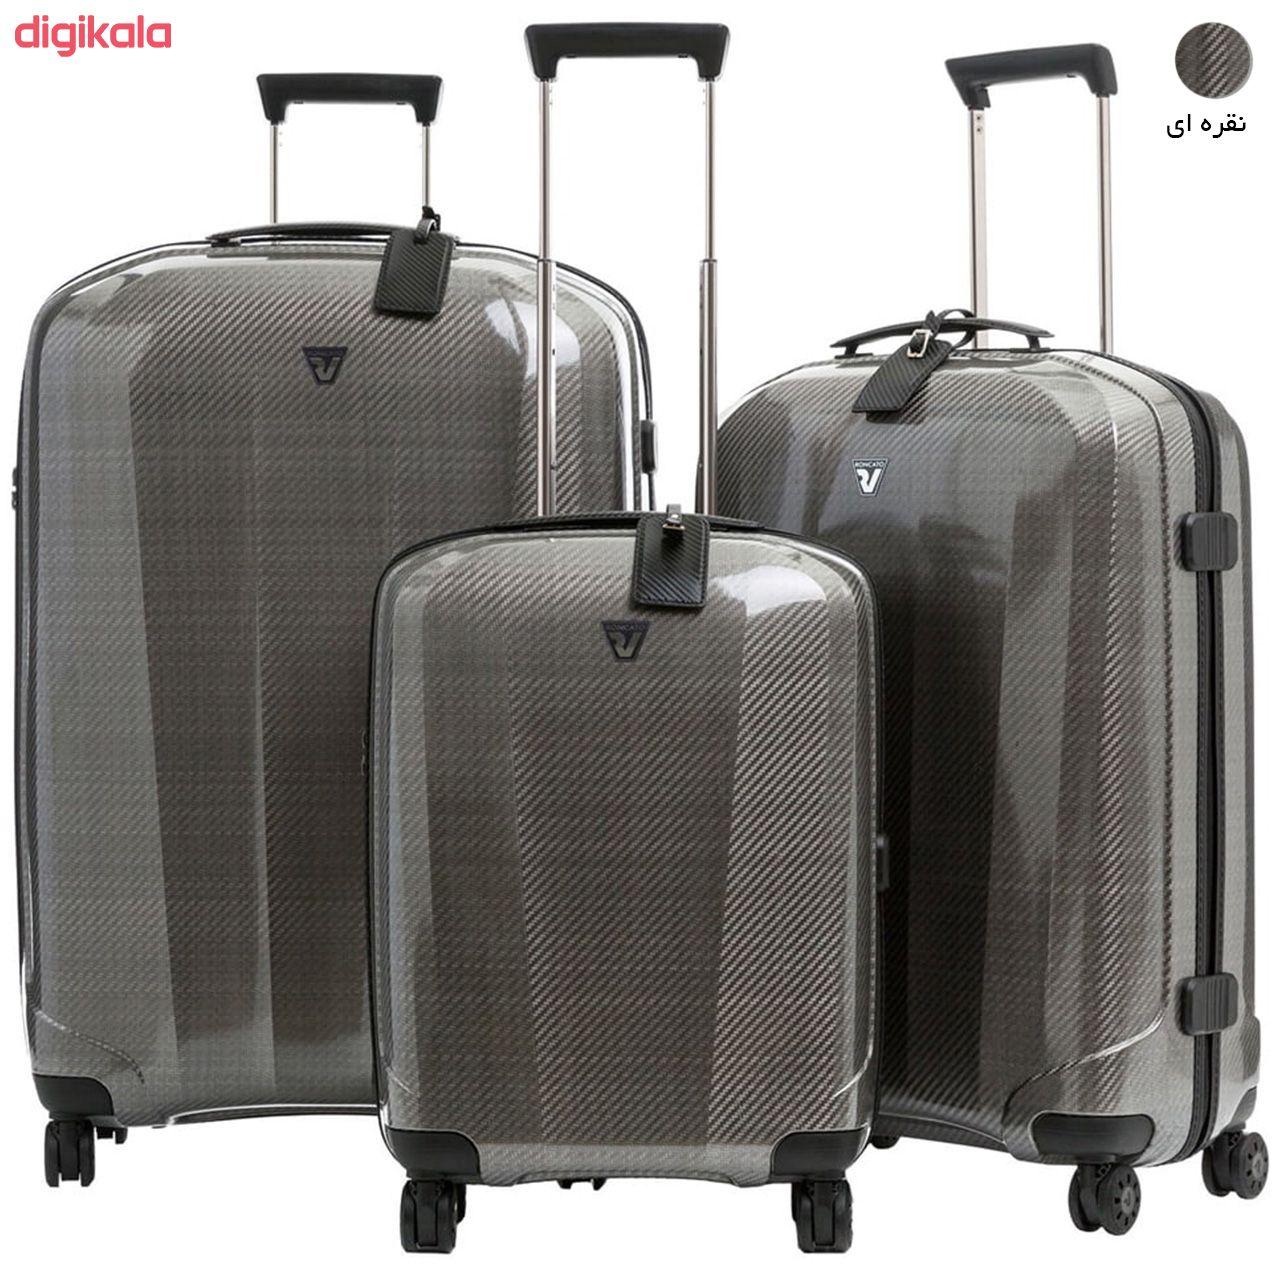 مجموعه سه عددی چمدان رونکاتو مدل 5950 main 1 27